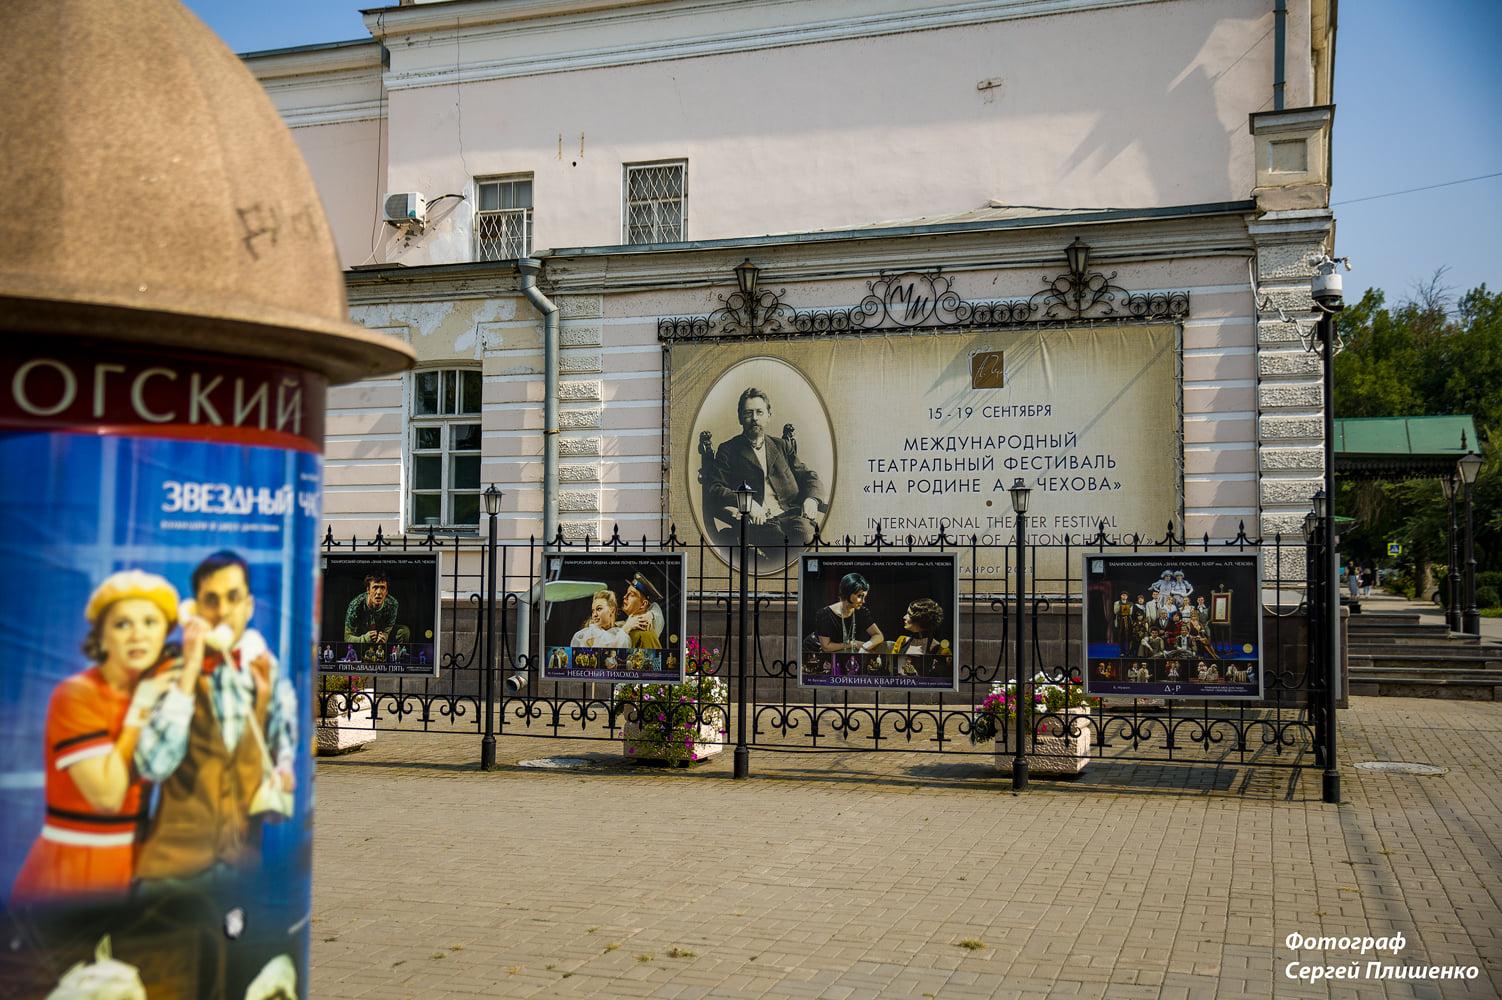 В Таганроге стартовал театральный фестиваль